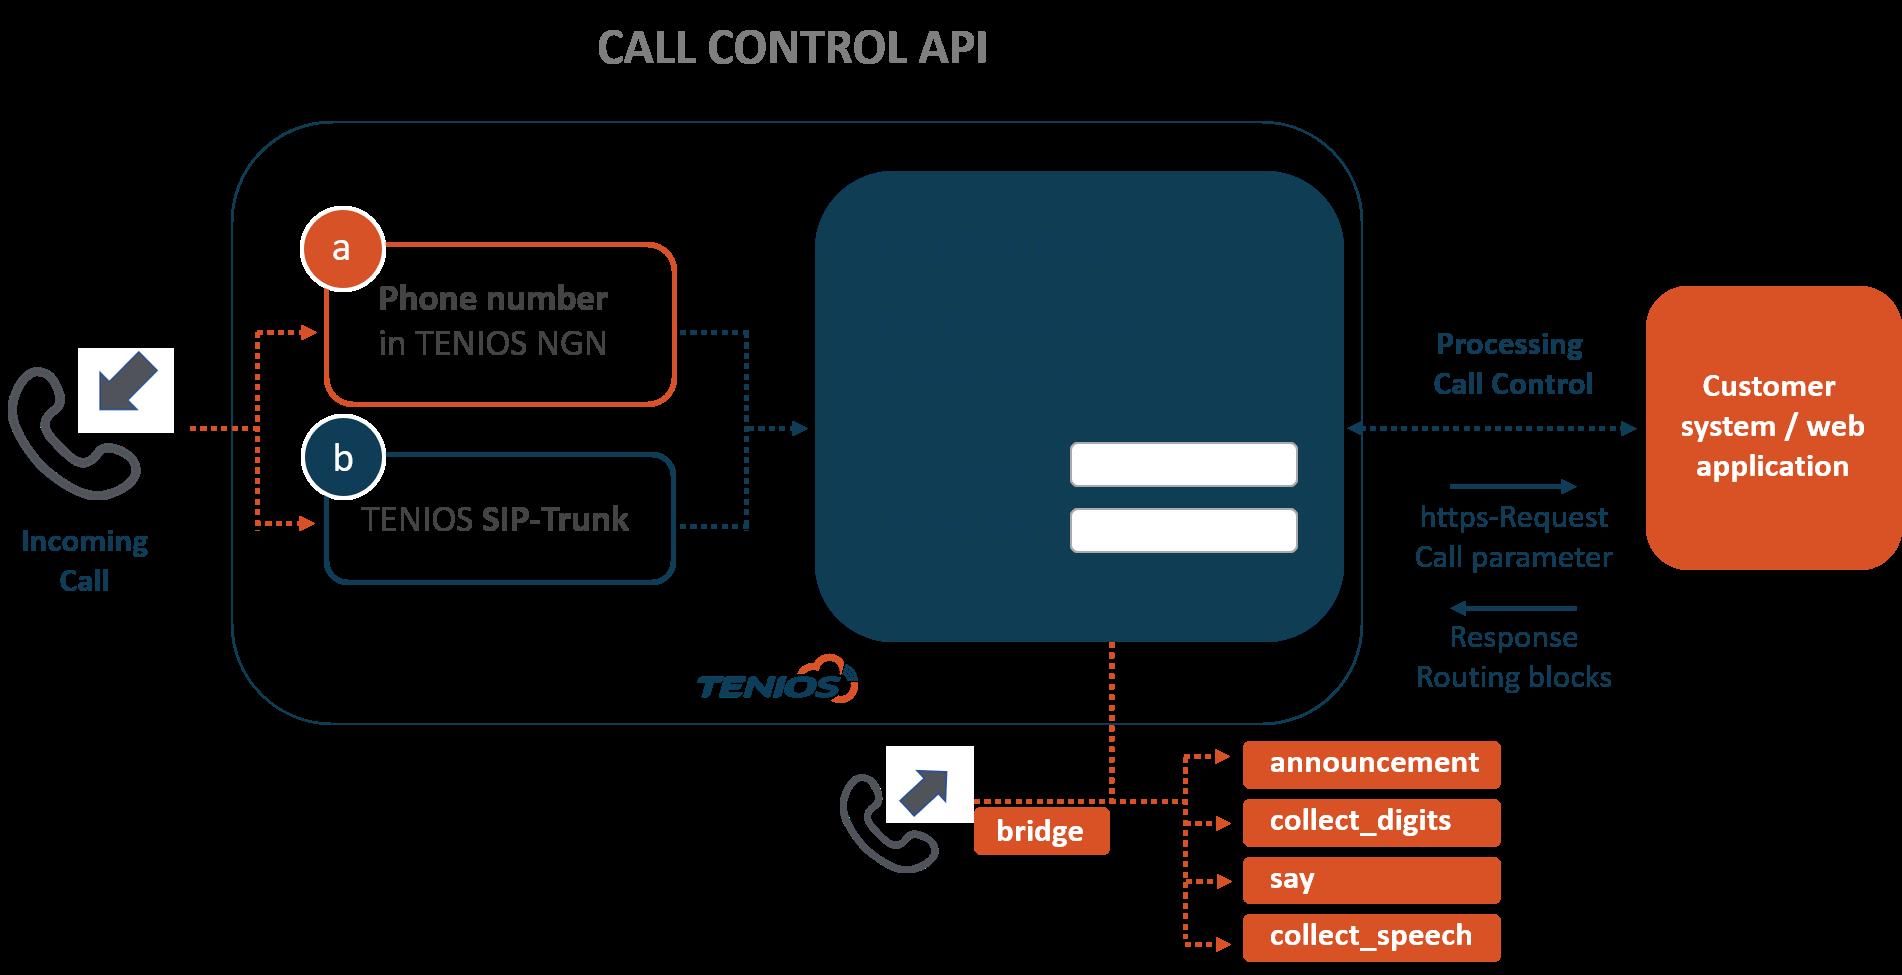 Call Control API